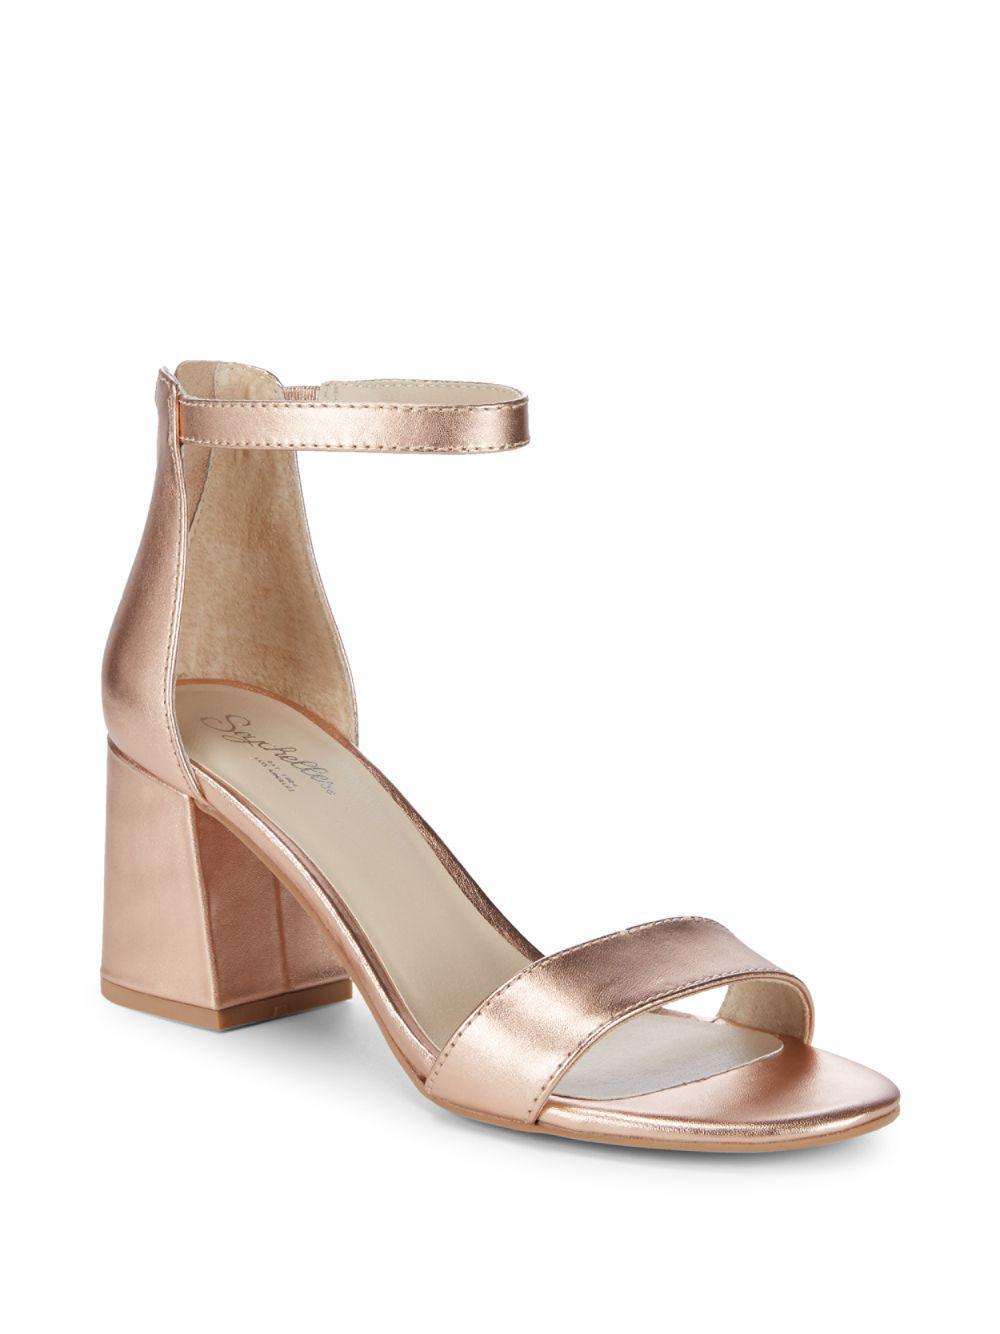 b7c04bad4a1 Seychelles. Women s Pandemonium Leather Ankle-strap Sandals